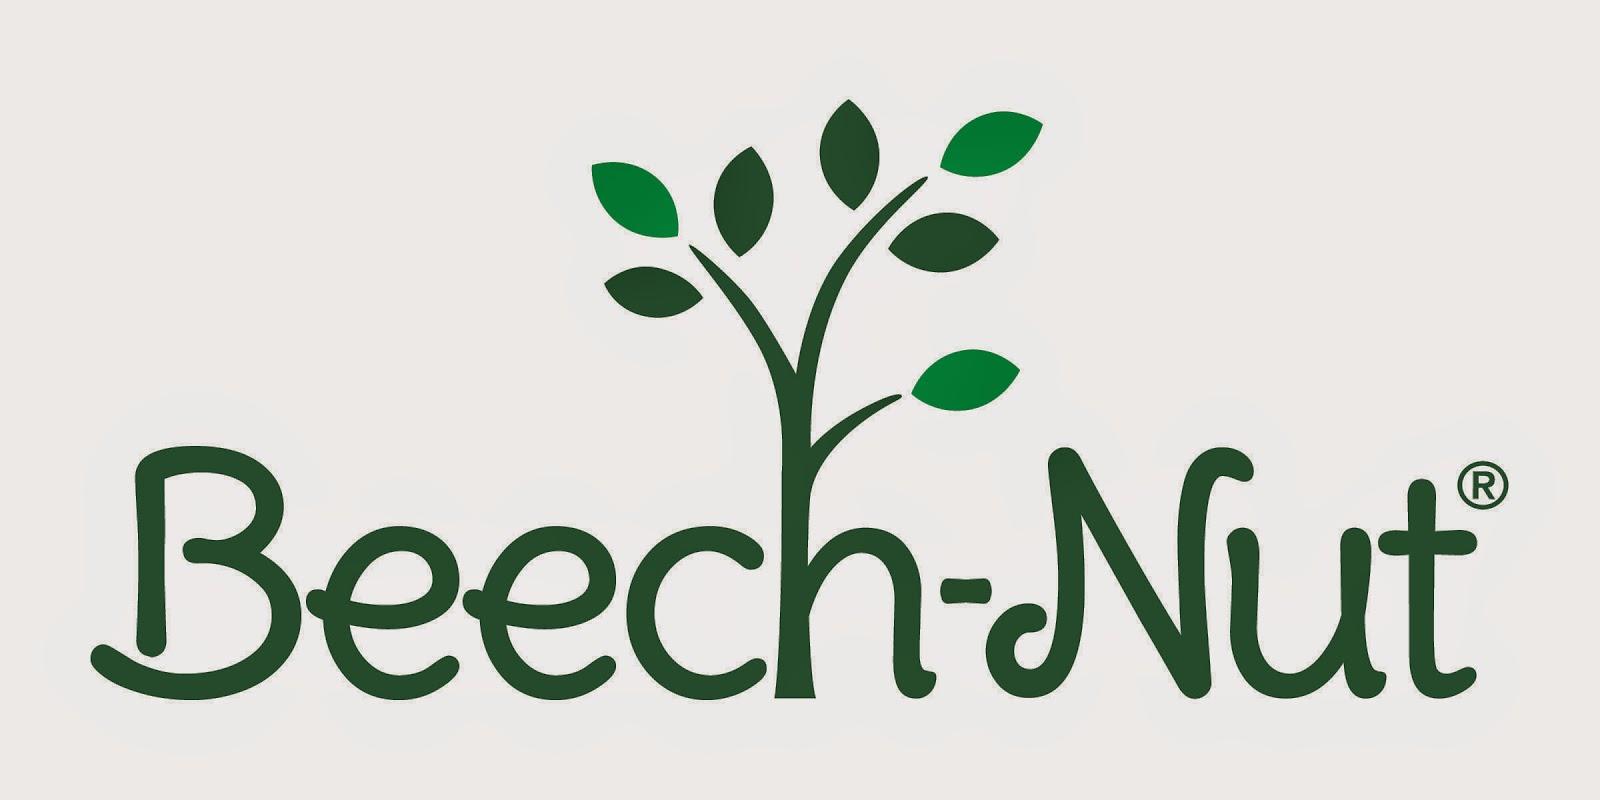 http://www.beechnut.com